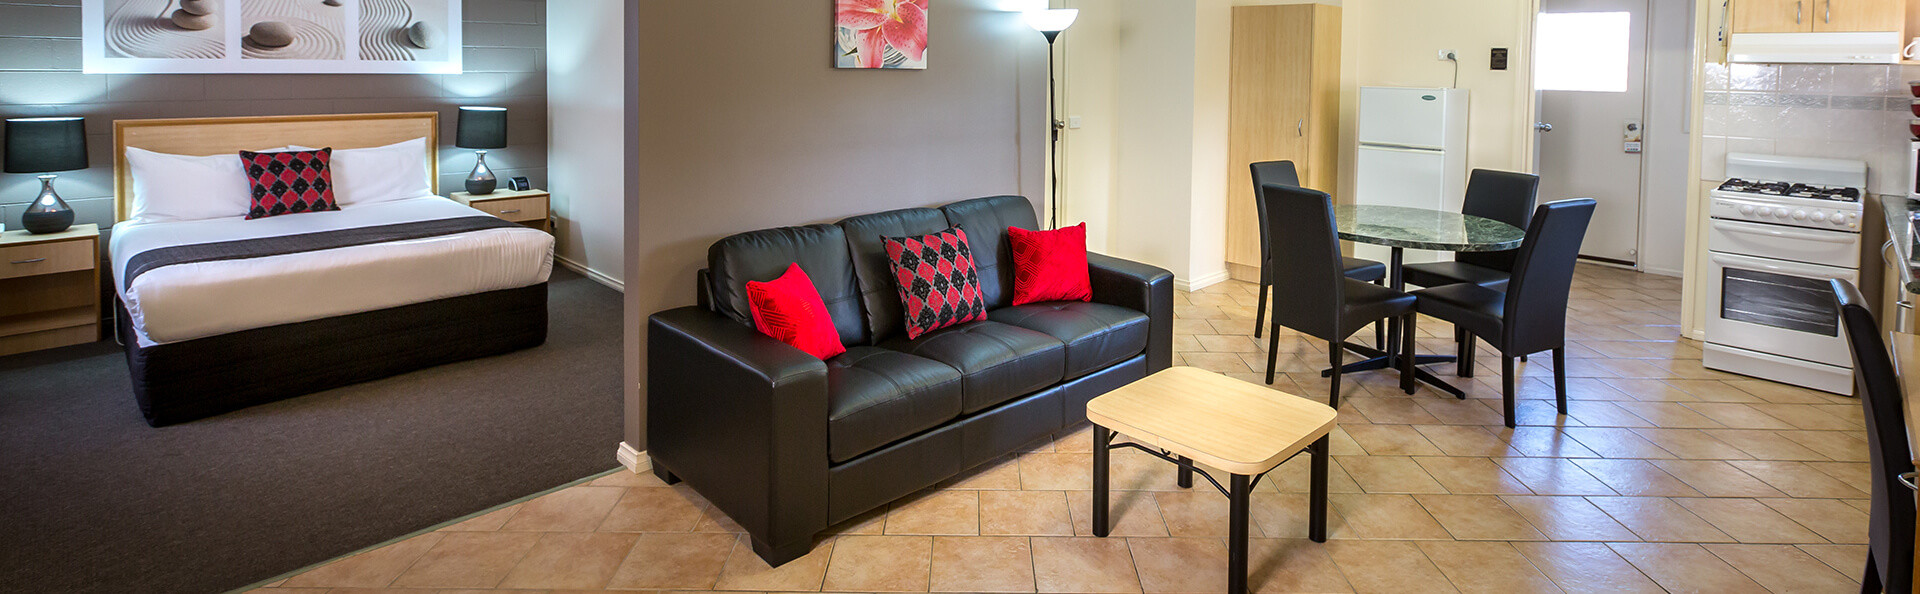 Comfort Inn King Avenue & Suites Motel Big Room